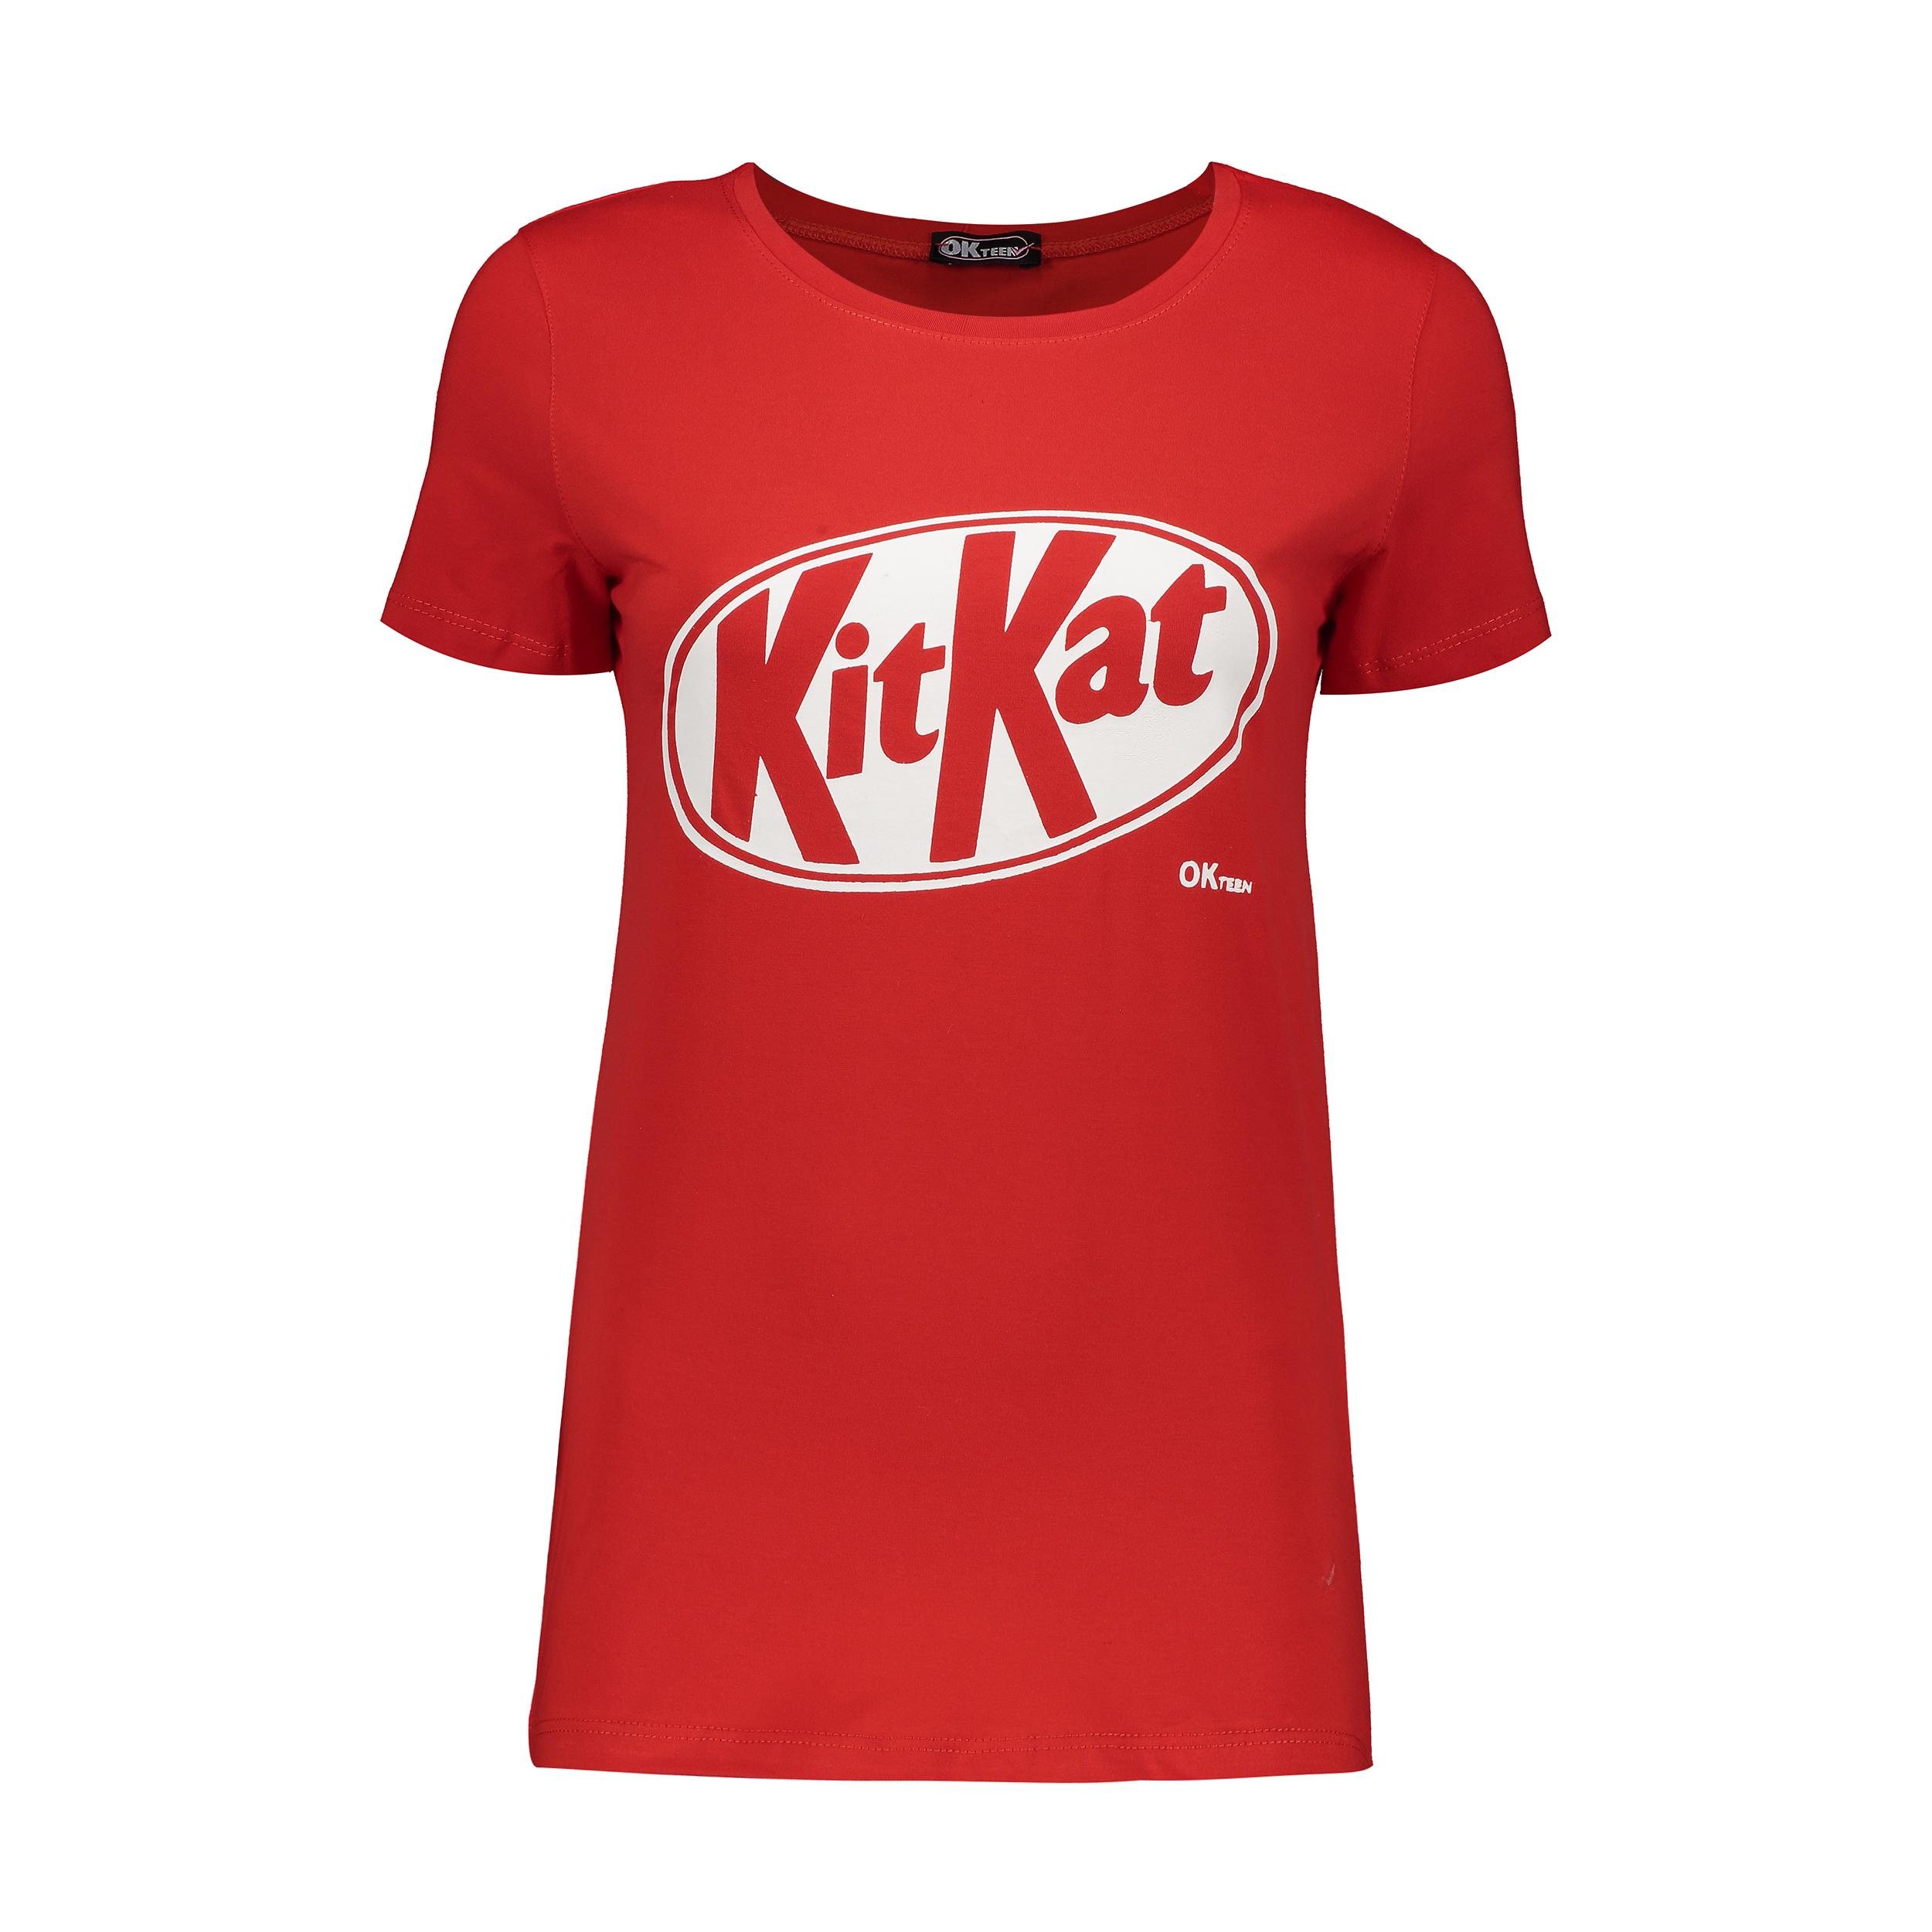 تصویر تیشرت زنانه اکتین طرح KitKat